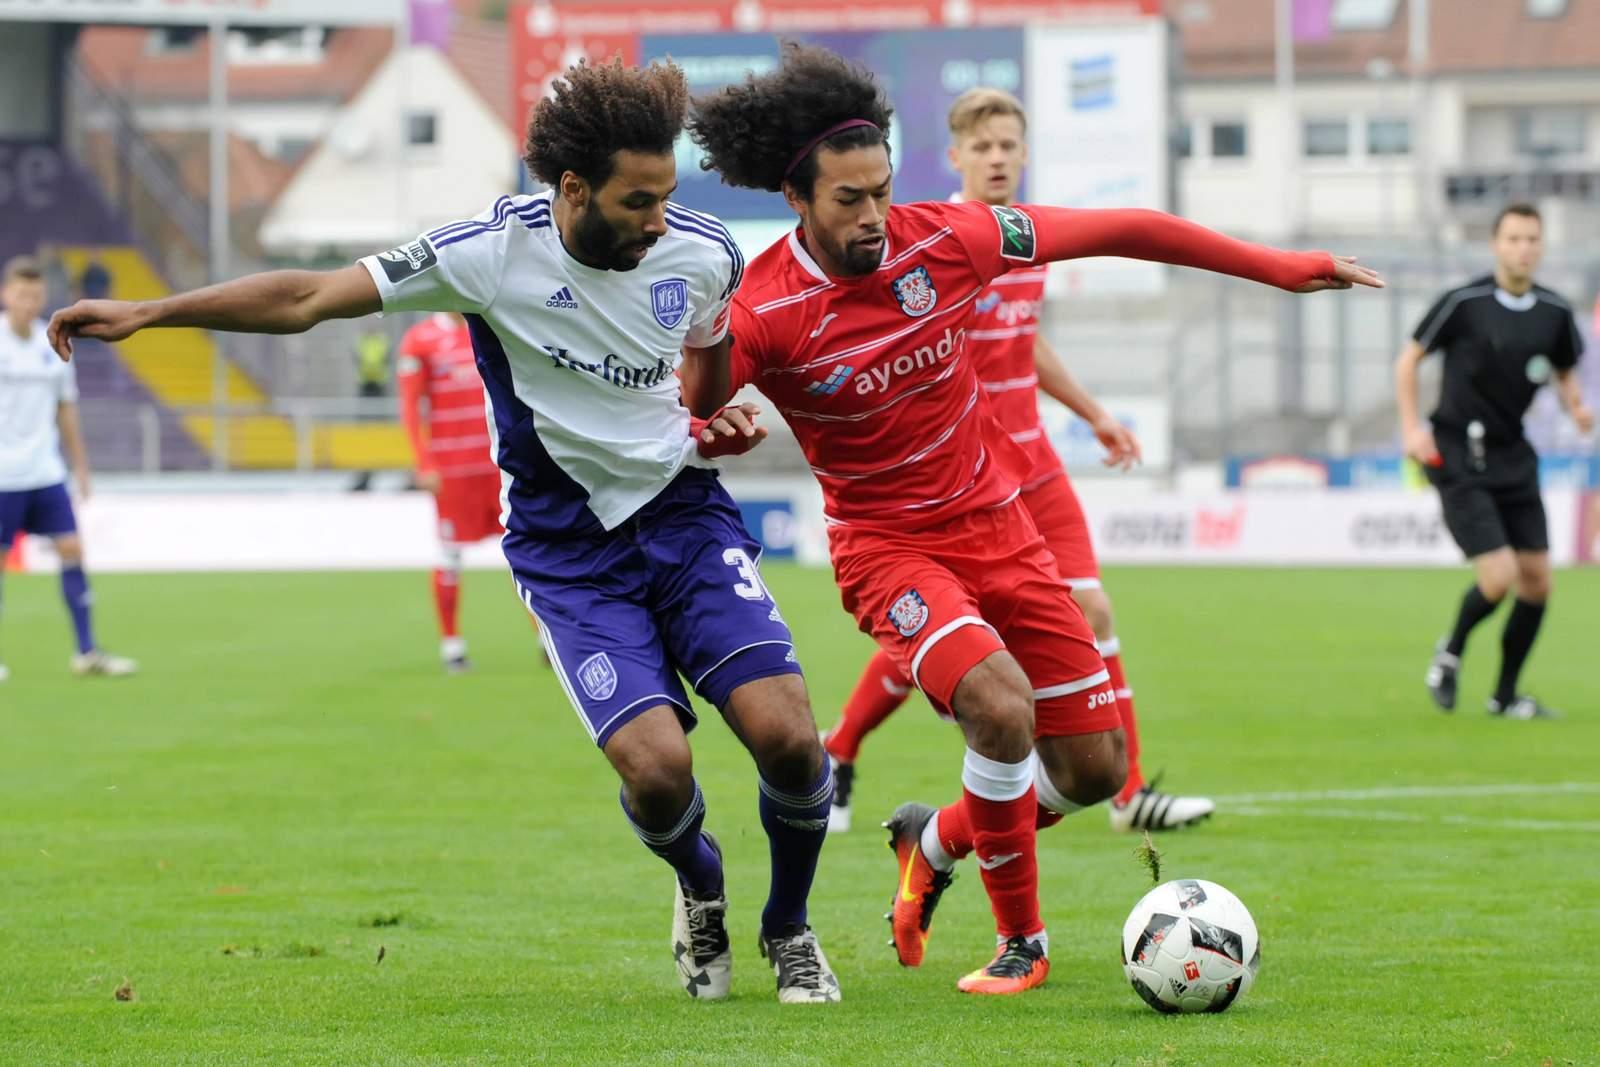 Haarige Angelegenheit zwischen La'Vere Corbin-Ong und Nazim Sangaré. Jetzt auf FSV Frankfurt gegen Osnabrück wetten!